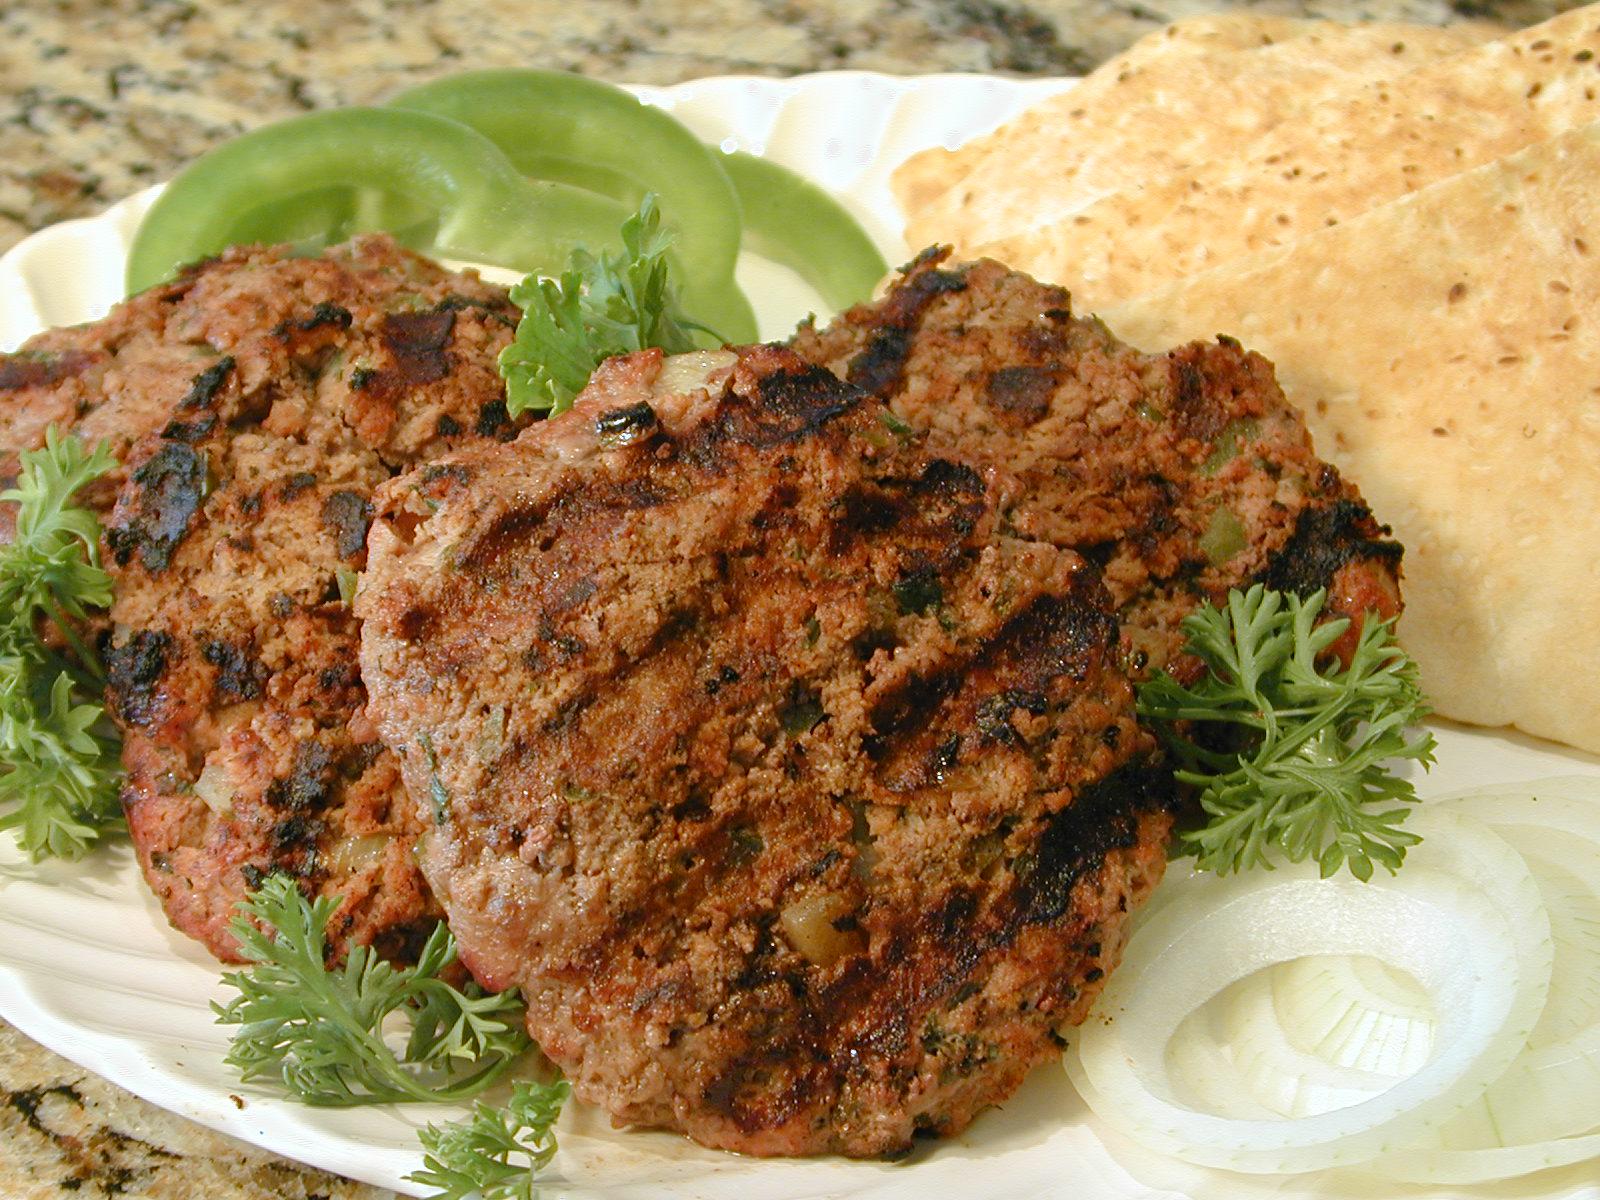 Cuisine the world armenian cuisine shish kebab shampouri for Armenian cuisine